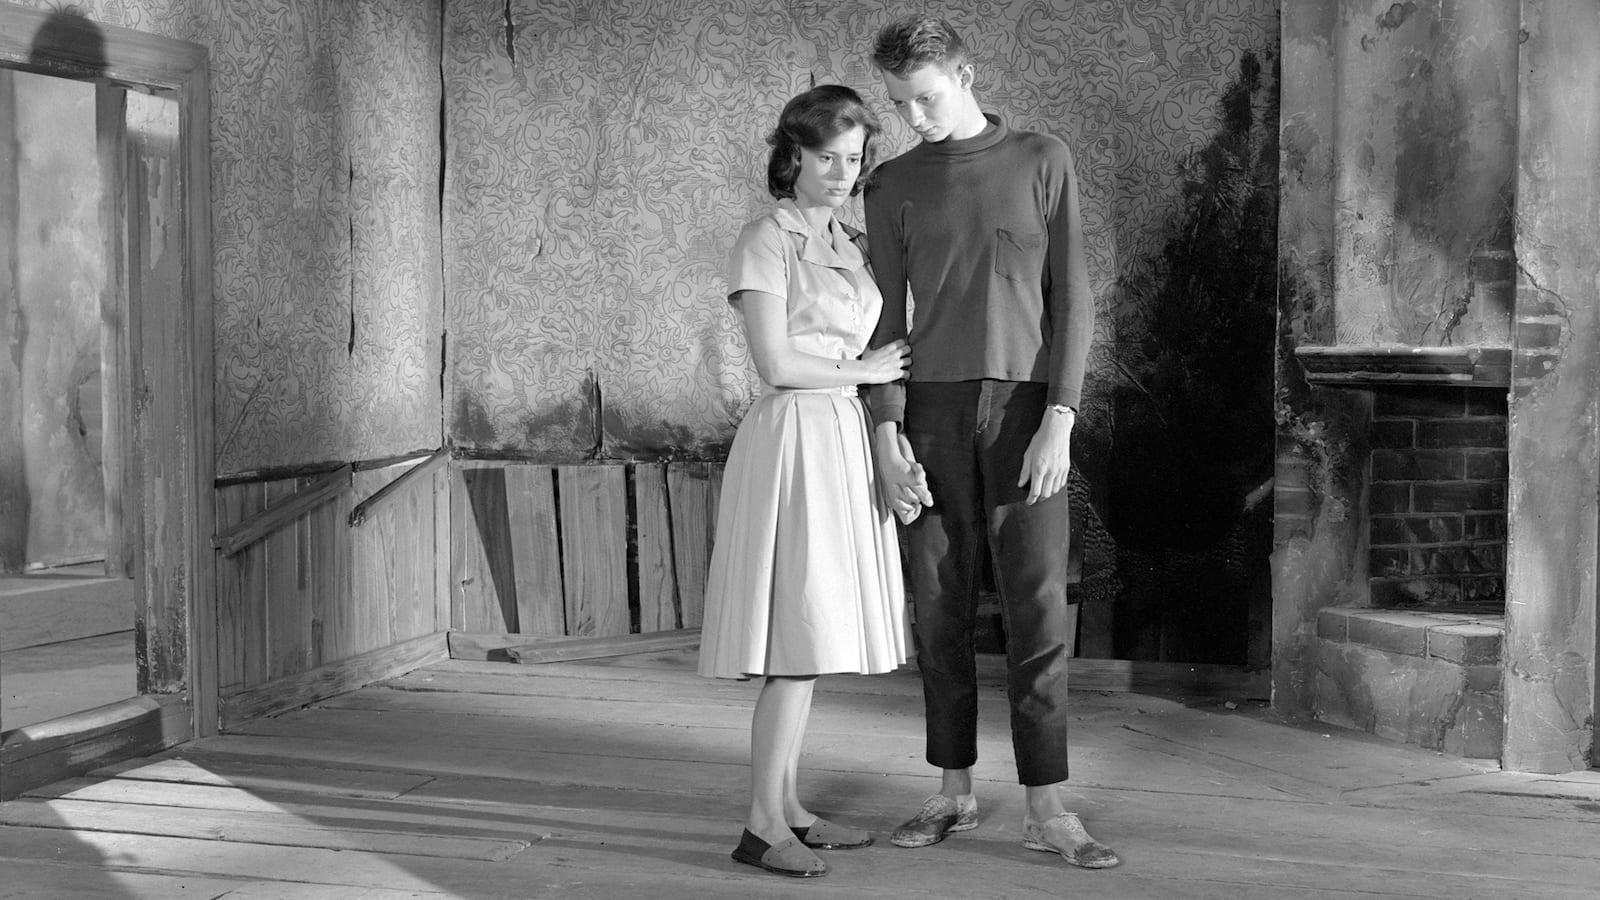 sasom-i-en-spegel-1961